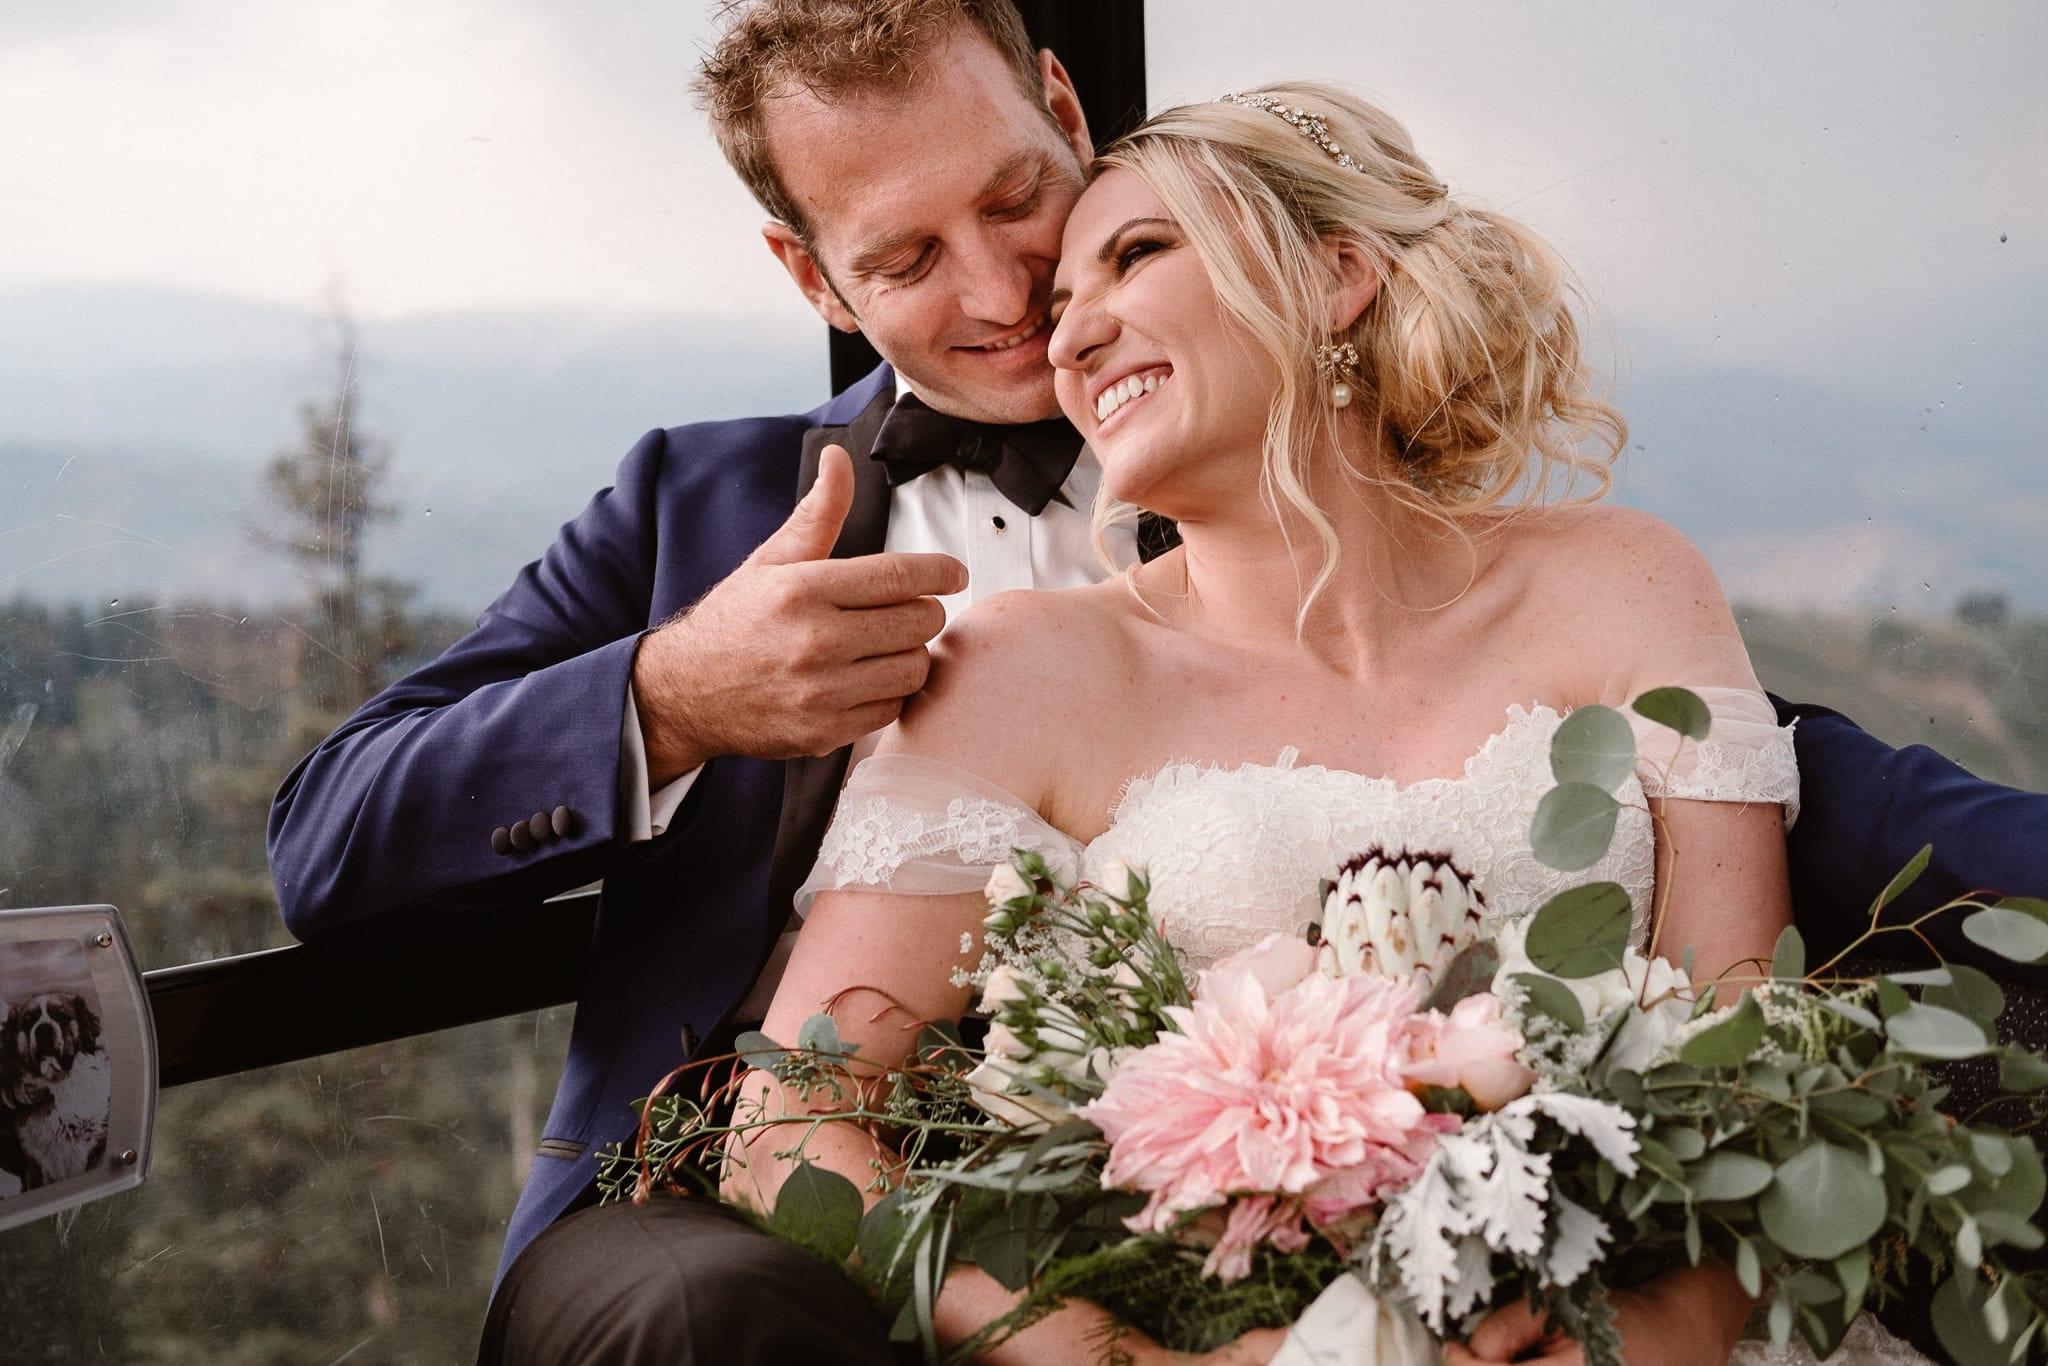 Aspen ranch wedding, Colorado mountain wedding photographer, Aspen luxury wedding, bride and groom riding gondola